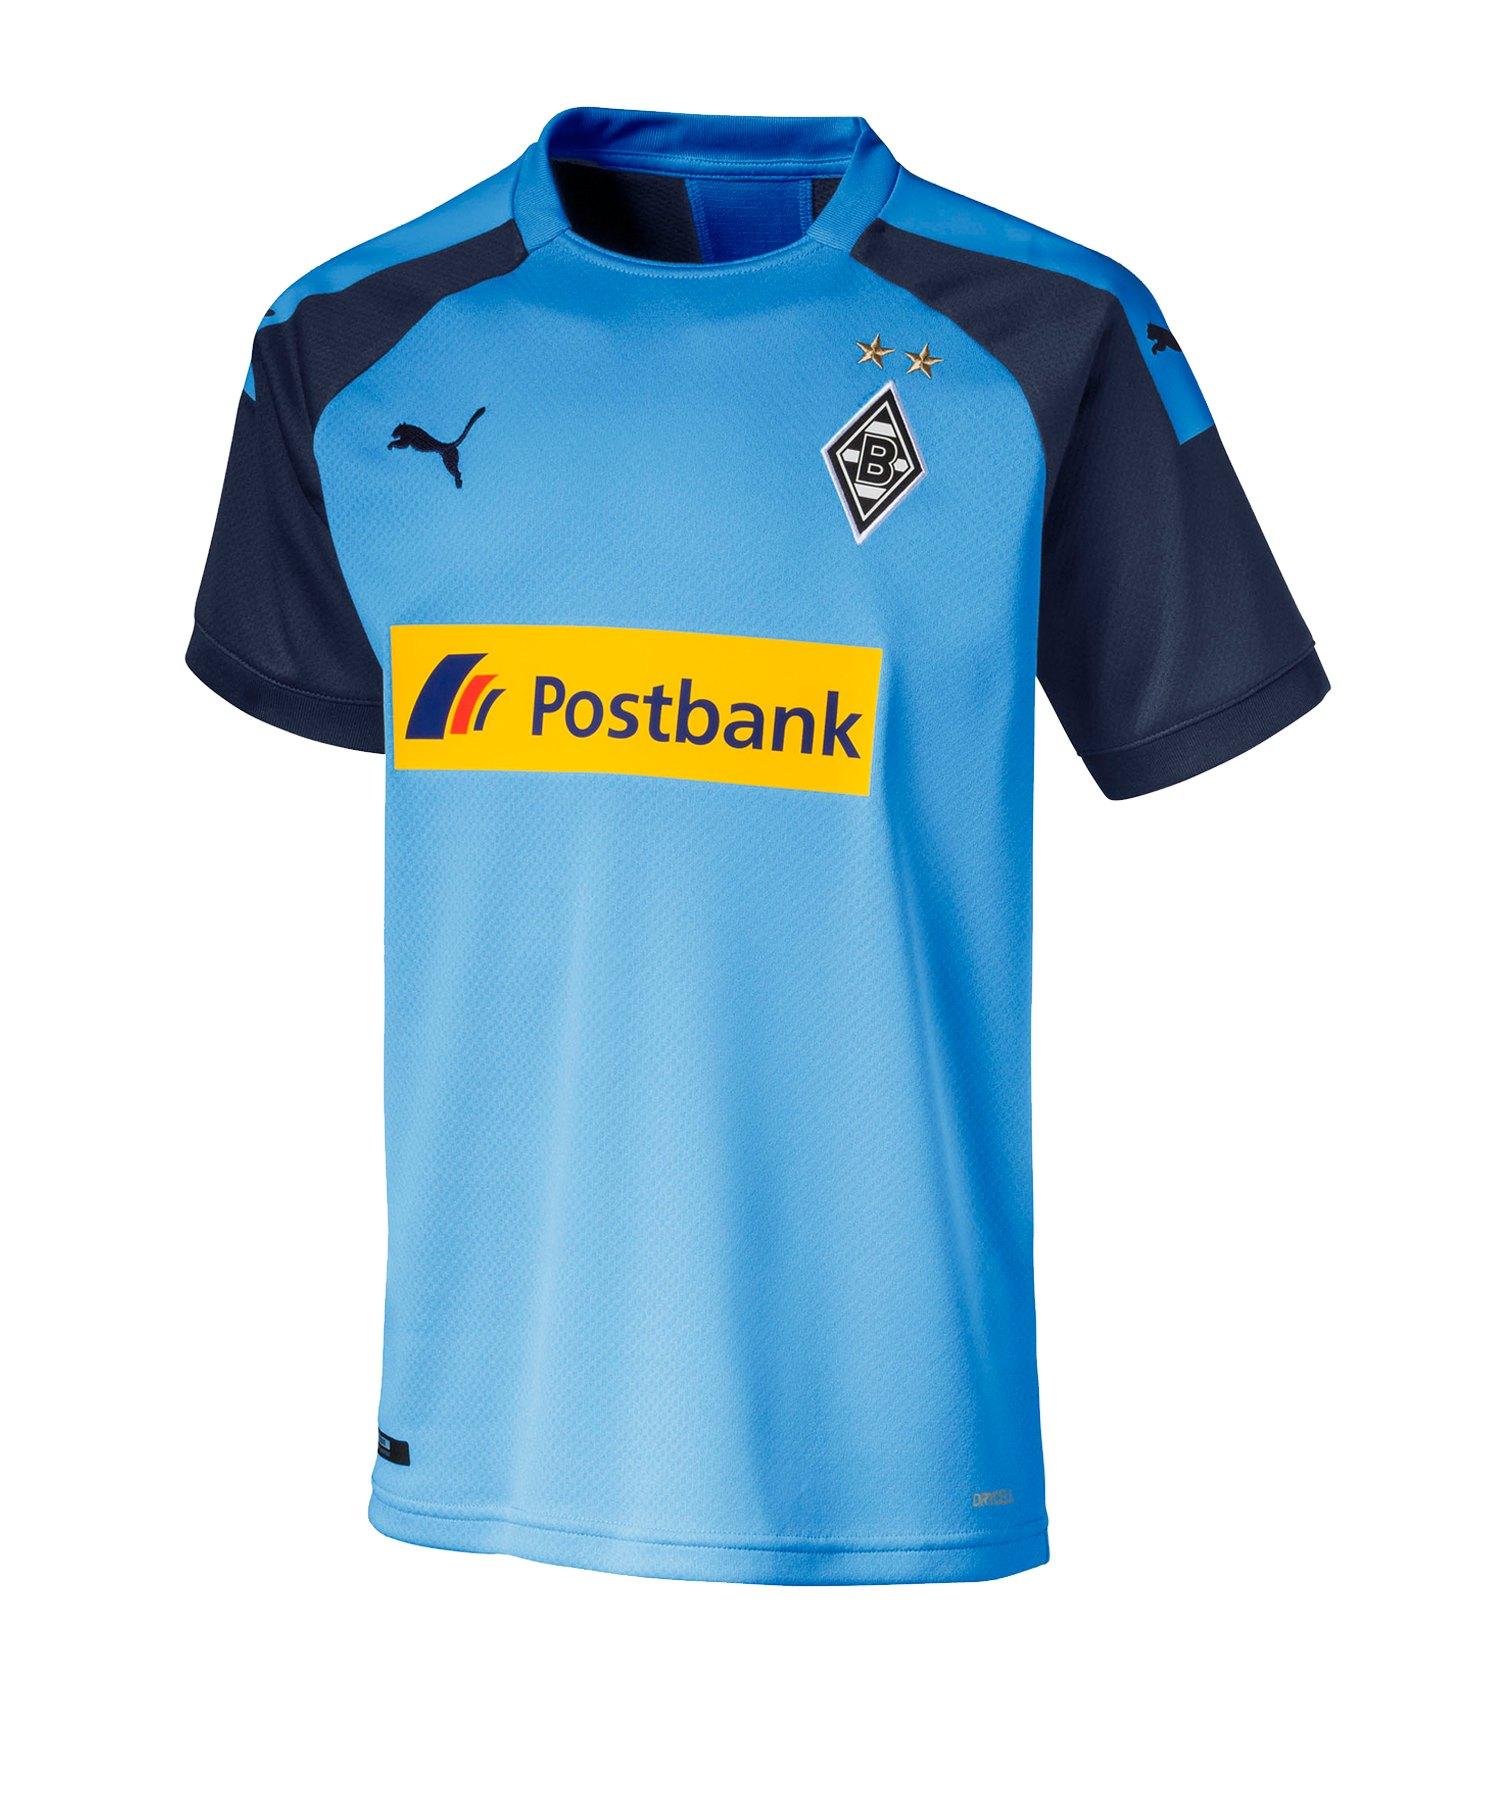 PUMA Borussia Mönchengladbach Trikot Away 2019/2020 Kids F03 - Blau